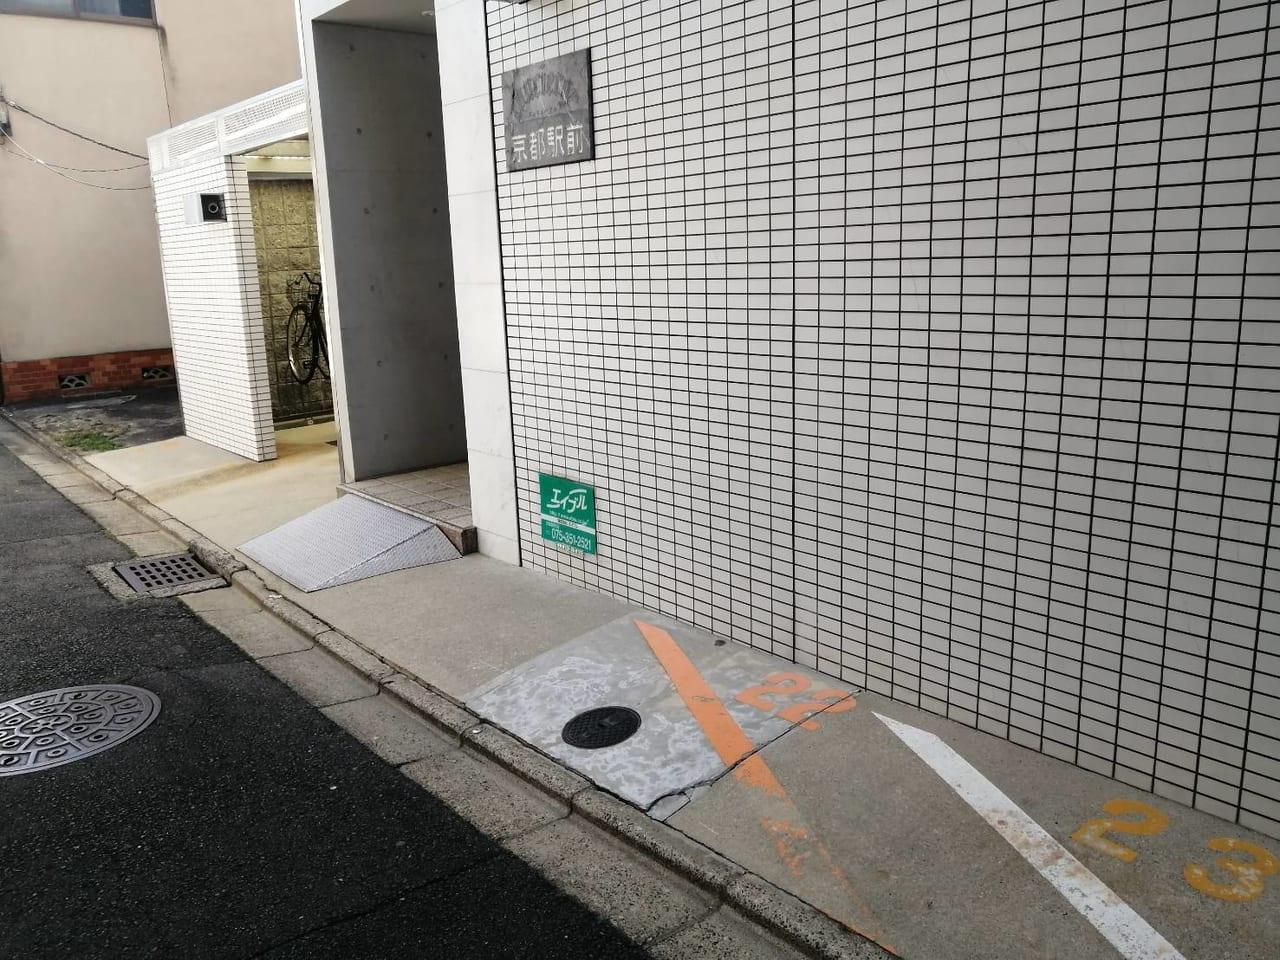 徳島県徳島市周辺のM様不用品回収後画像